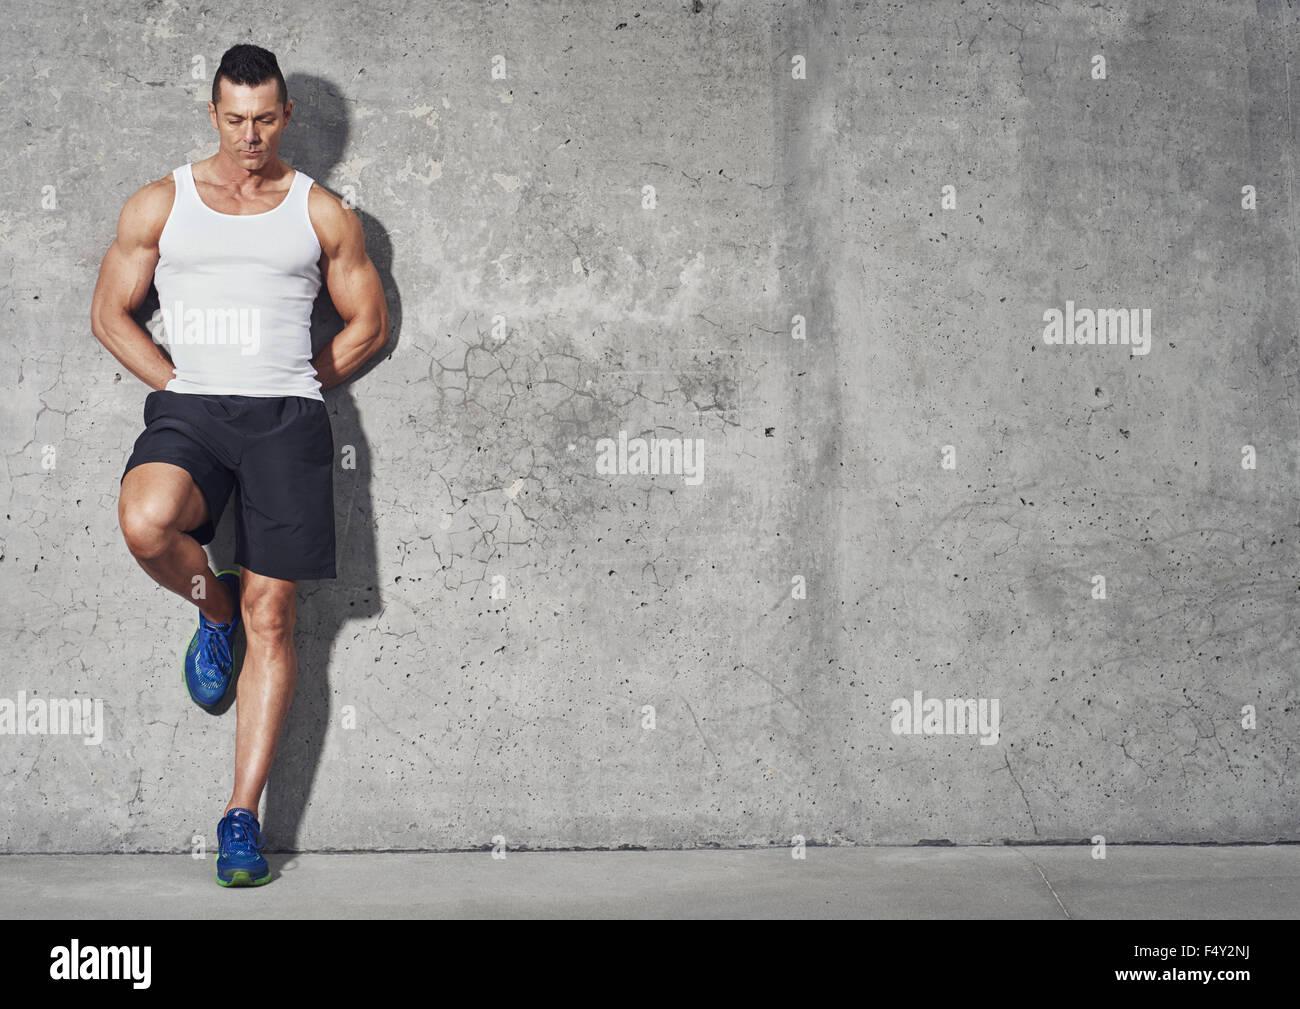 En forme et en bonne santé, l'homme, portrait de construction musculaire concept de remise en forme avec Photo Stock